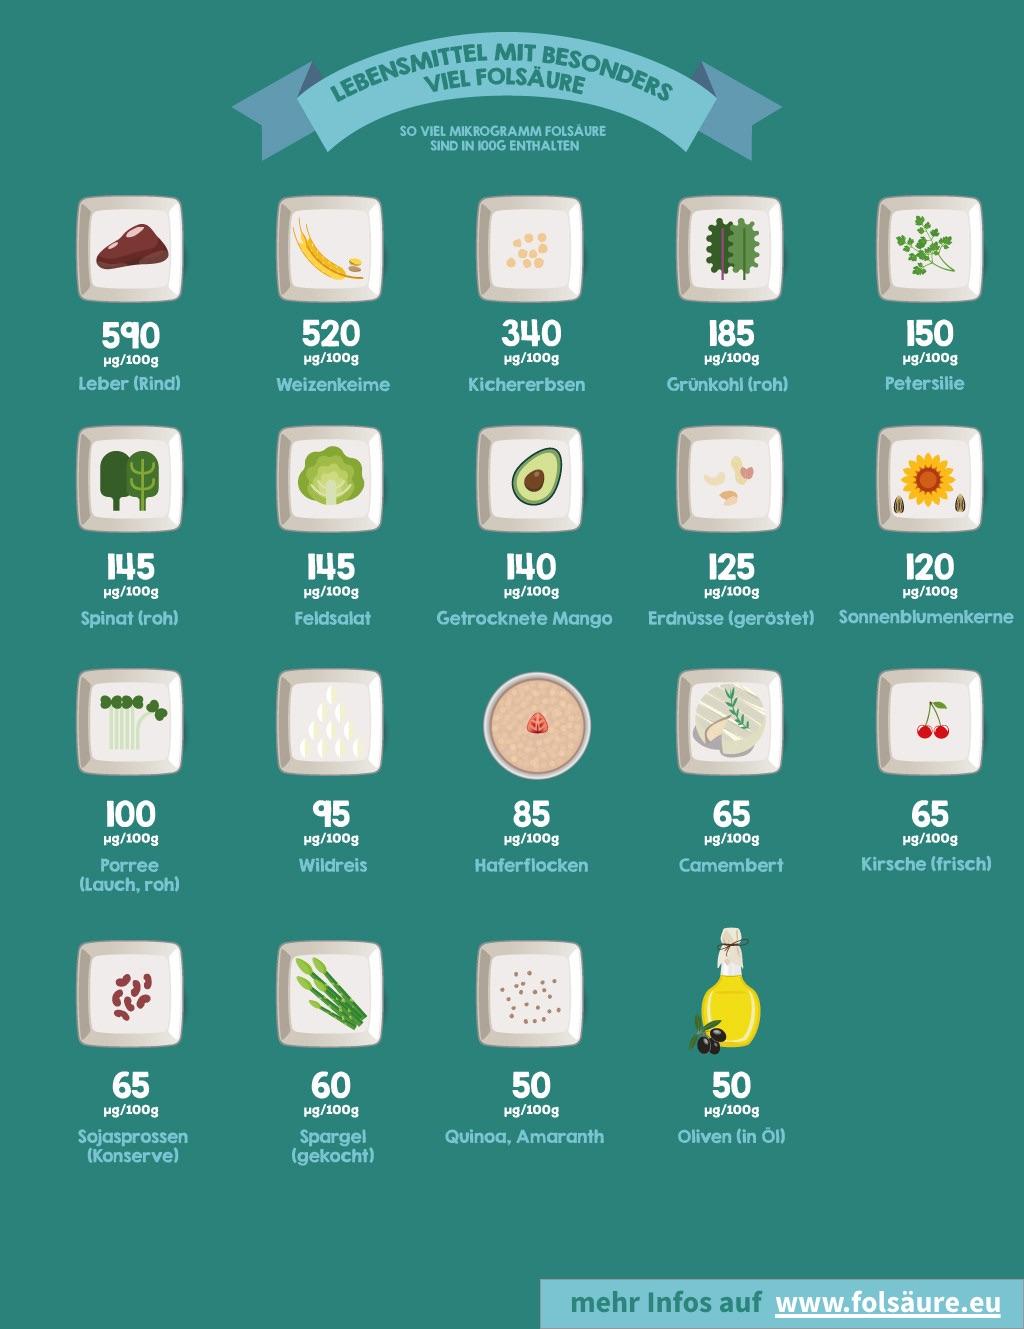 Lebensmittel mit Folsäure - übersichtlich dargestellt und geordnet